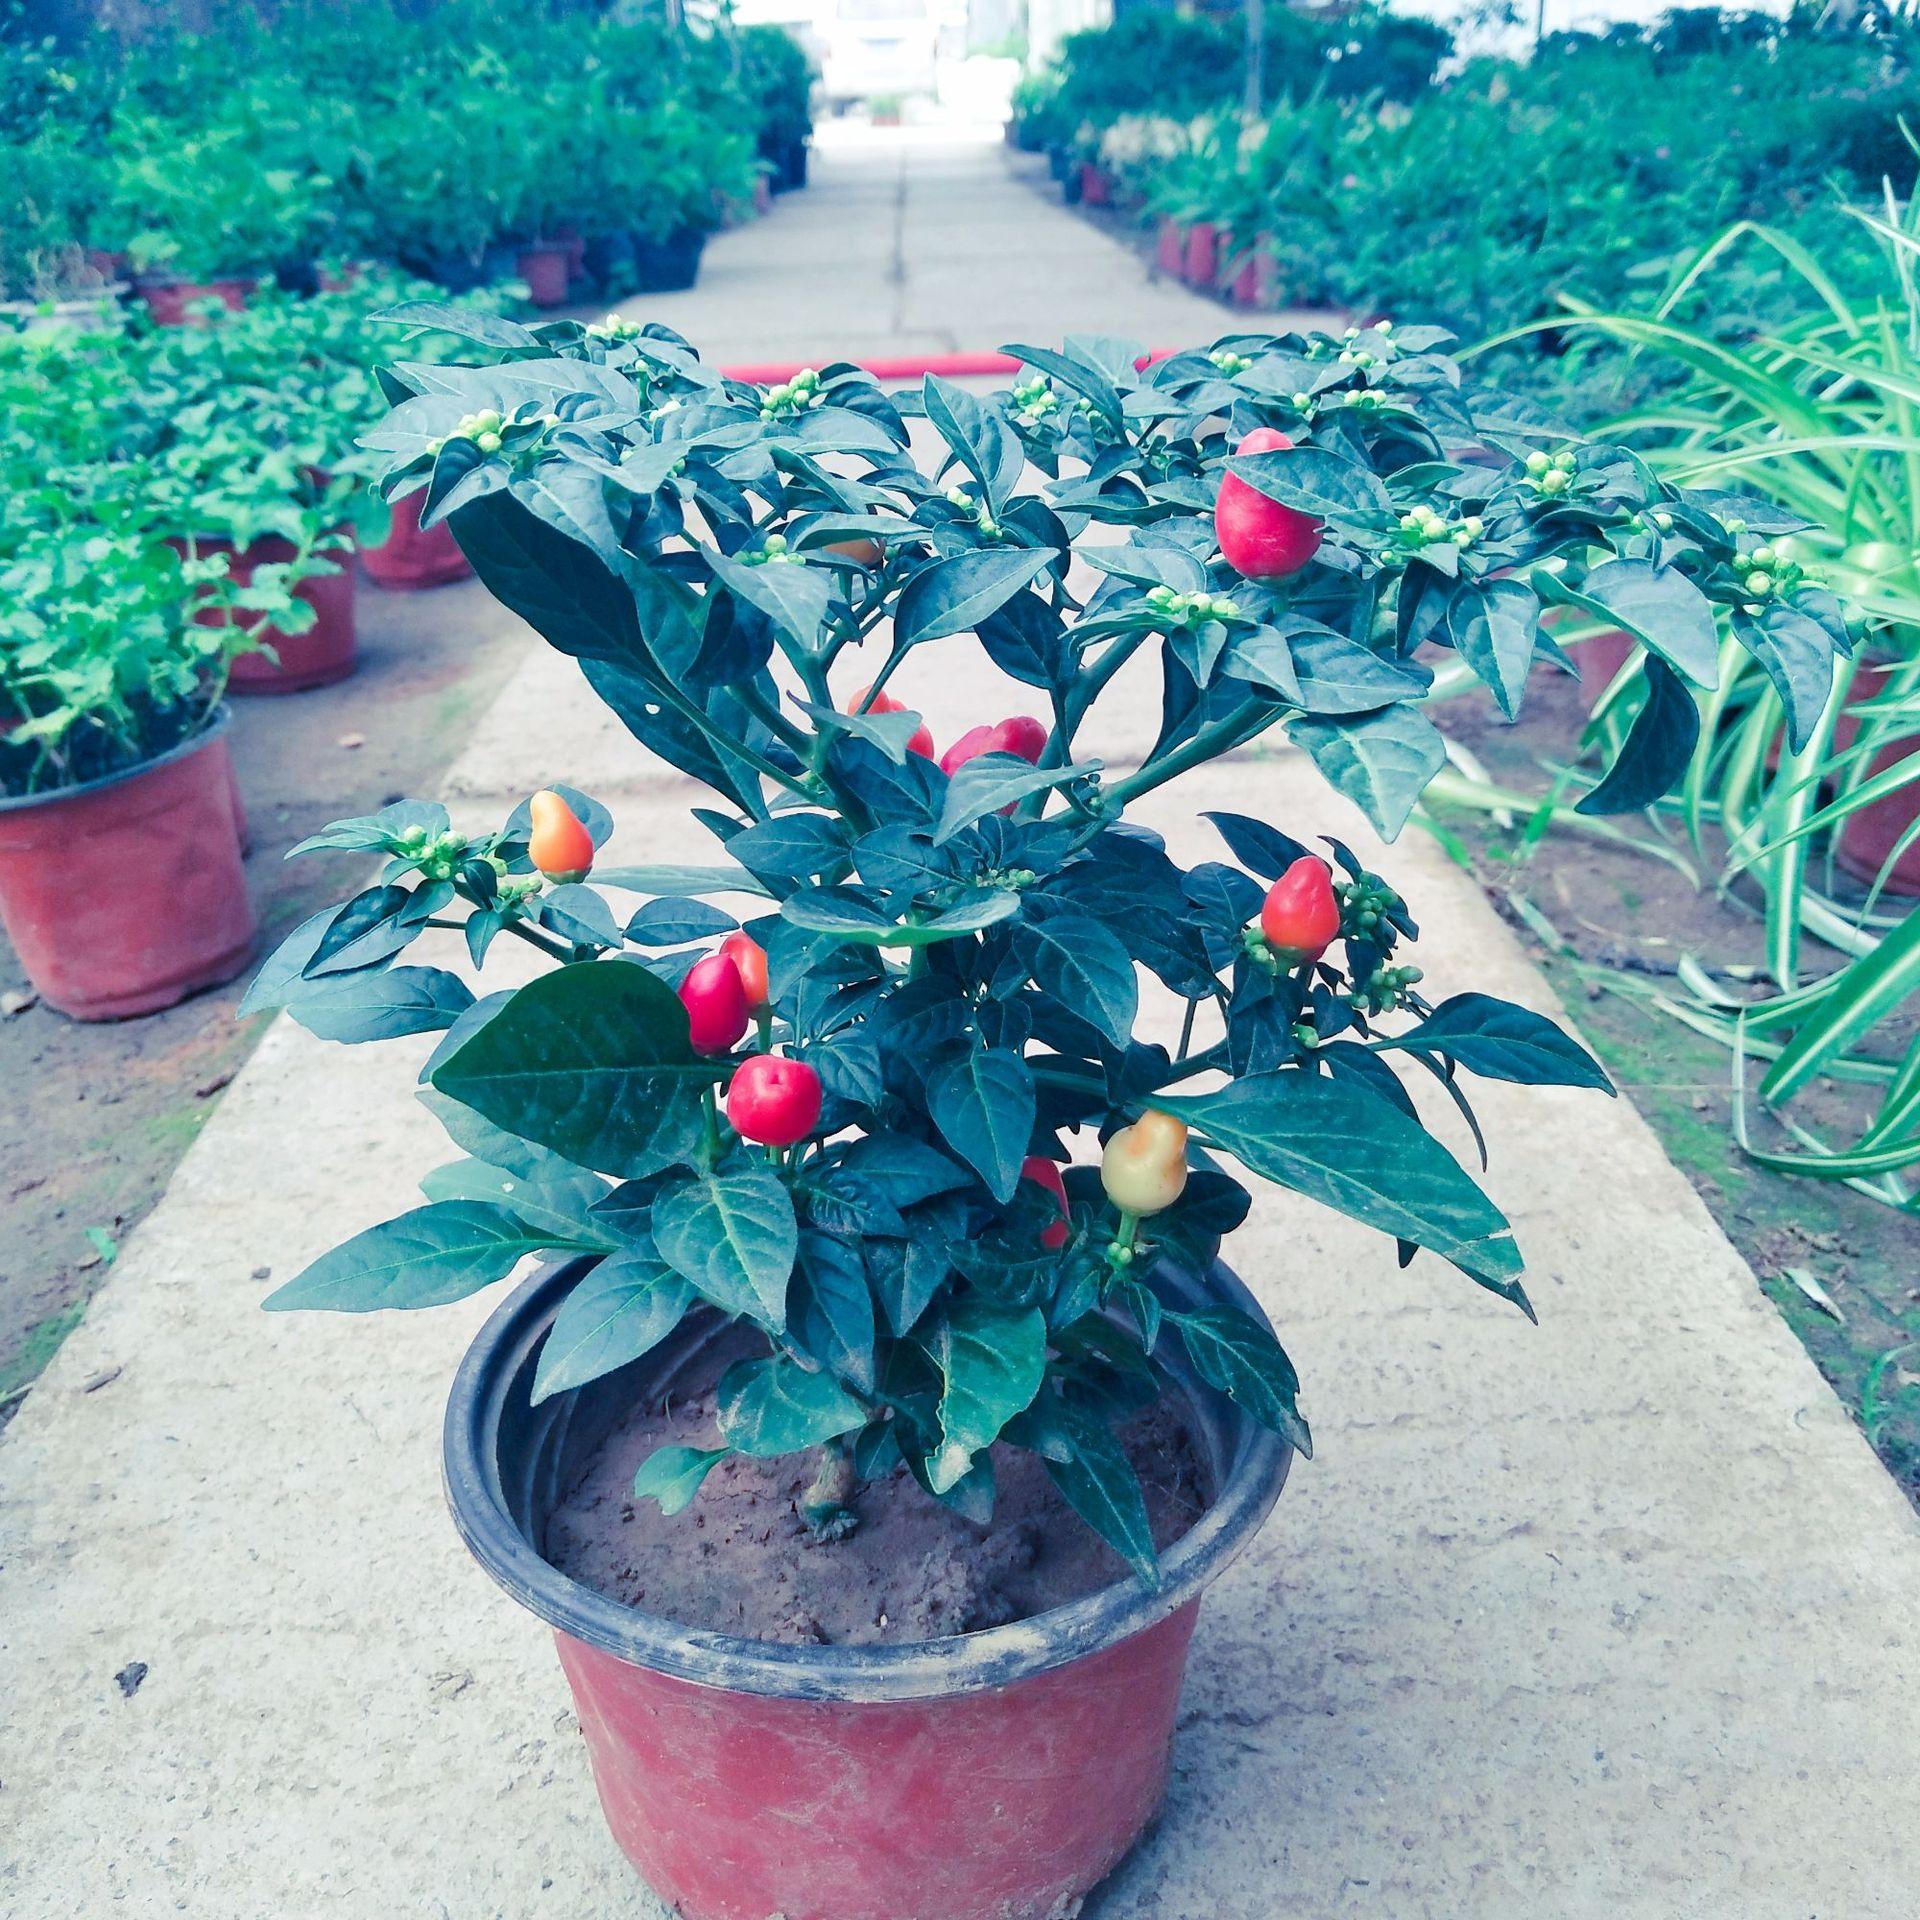 サンショウの種サンショウの唐辛子の超辛い木は春と秋に四季食用の五色の鉢植えのパプリカの苗です。